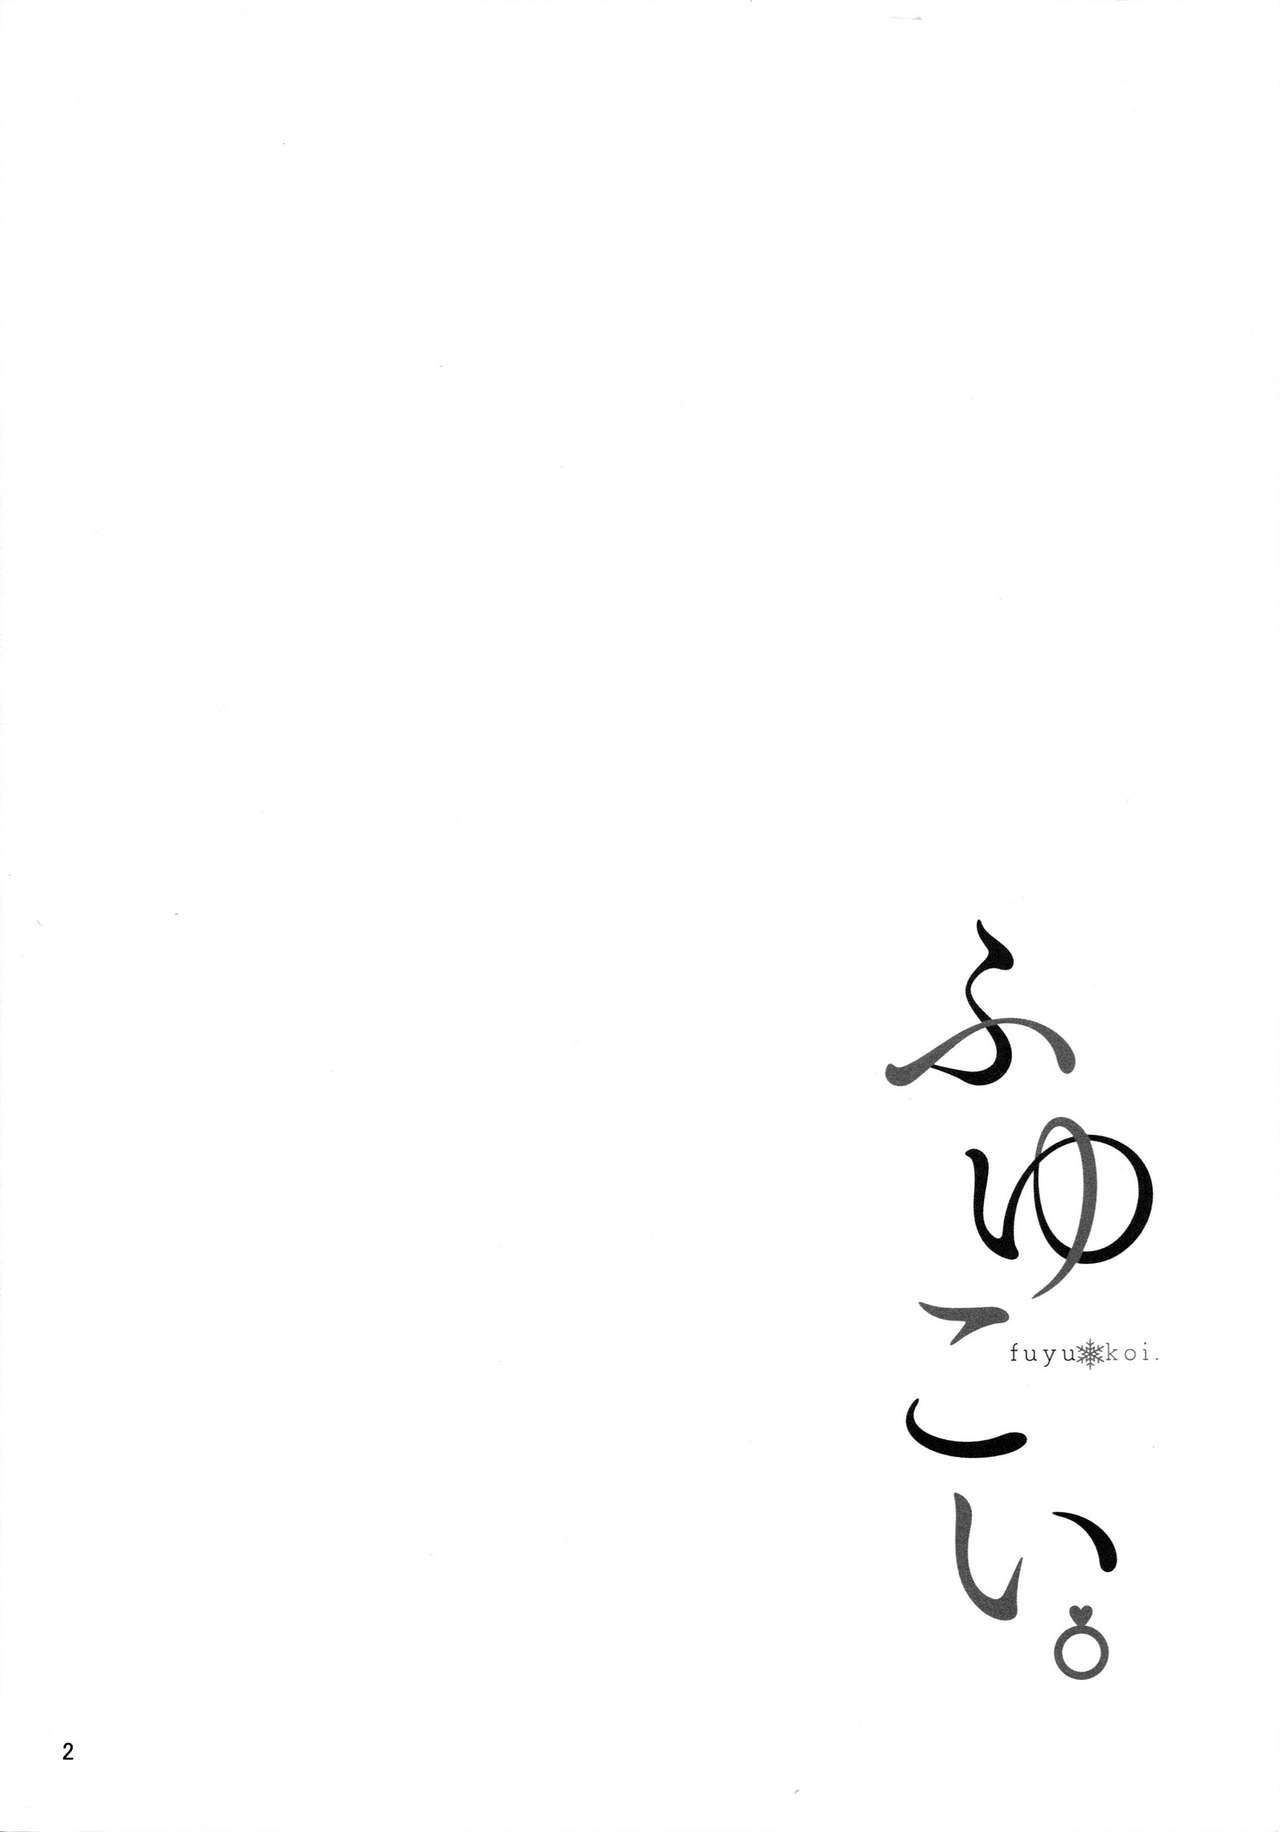 Fuyu Koi. 2